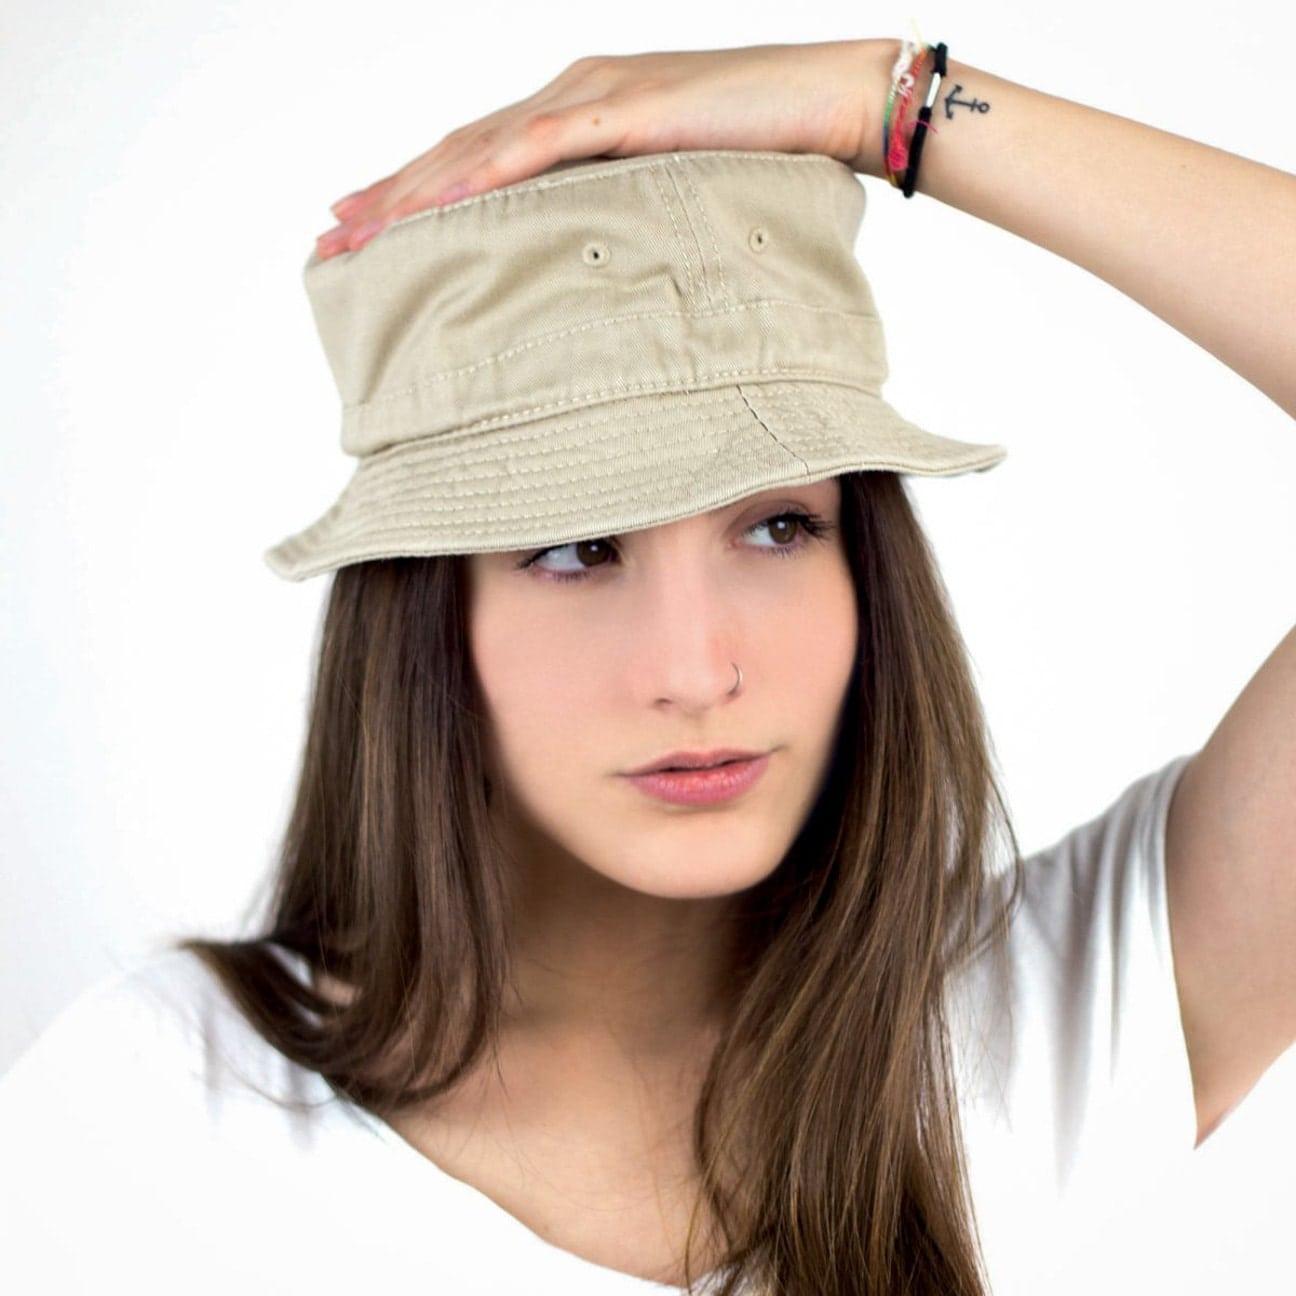 ca76be2335016 Sombrero de Pescador Forever - Sombreros - sombreroshop.es